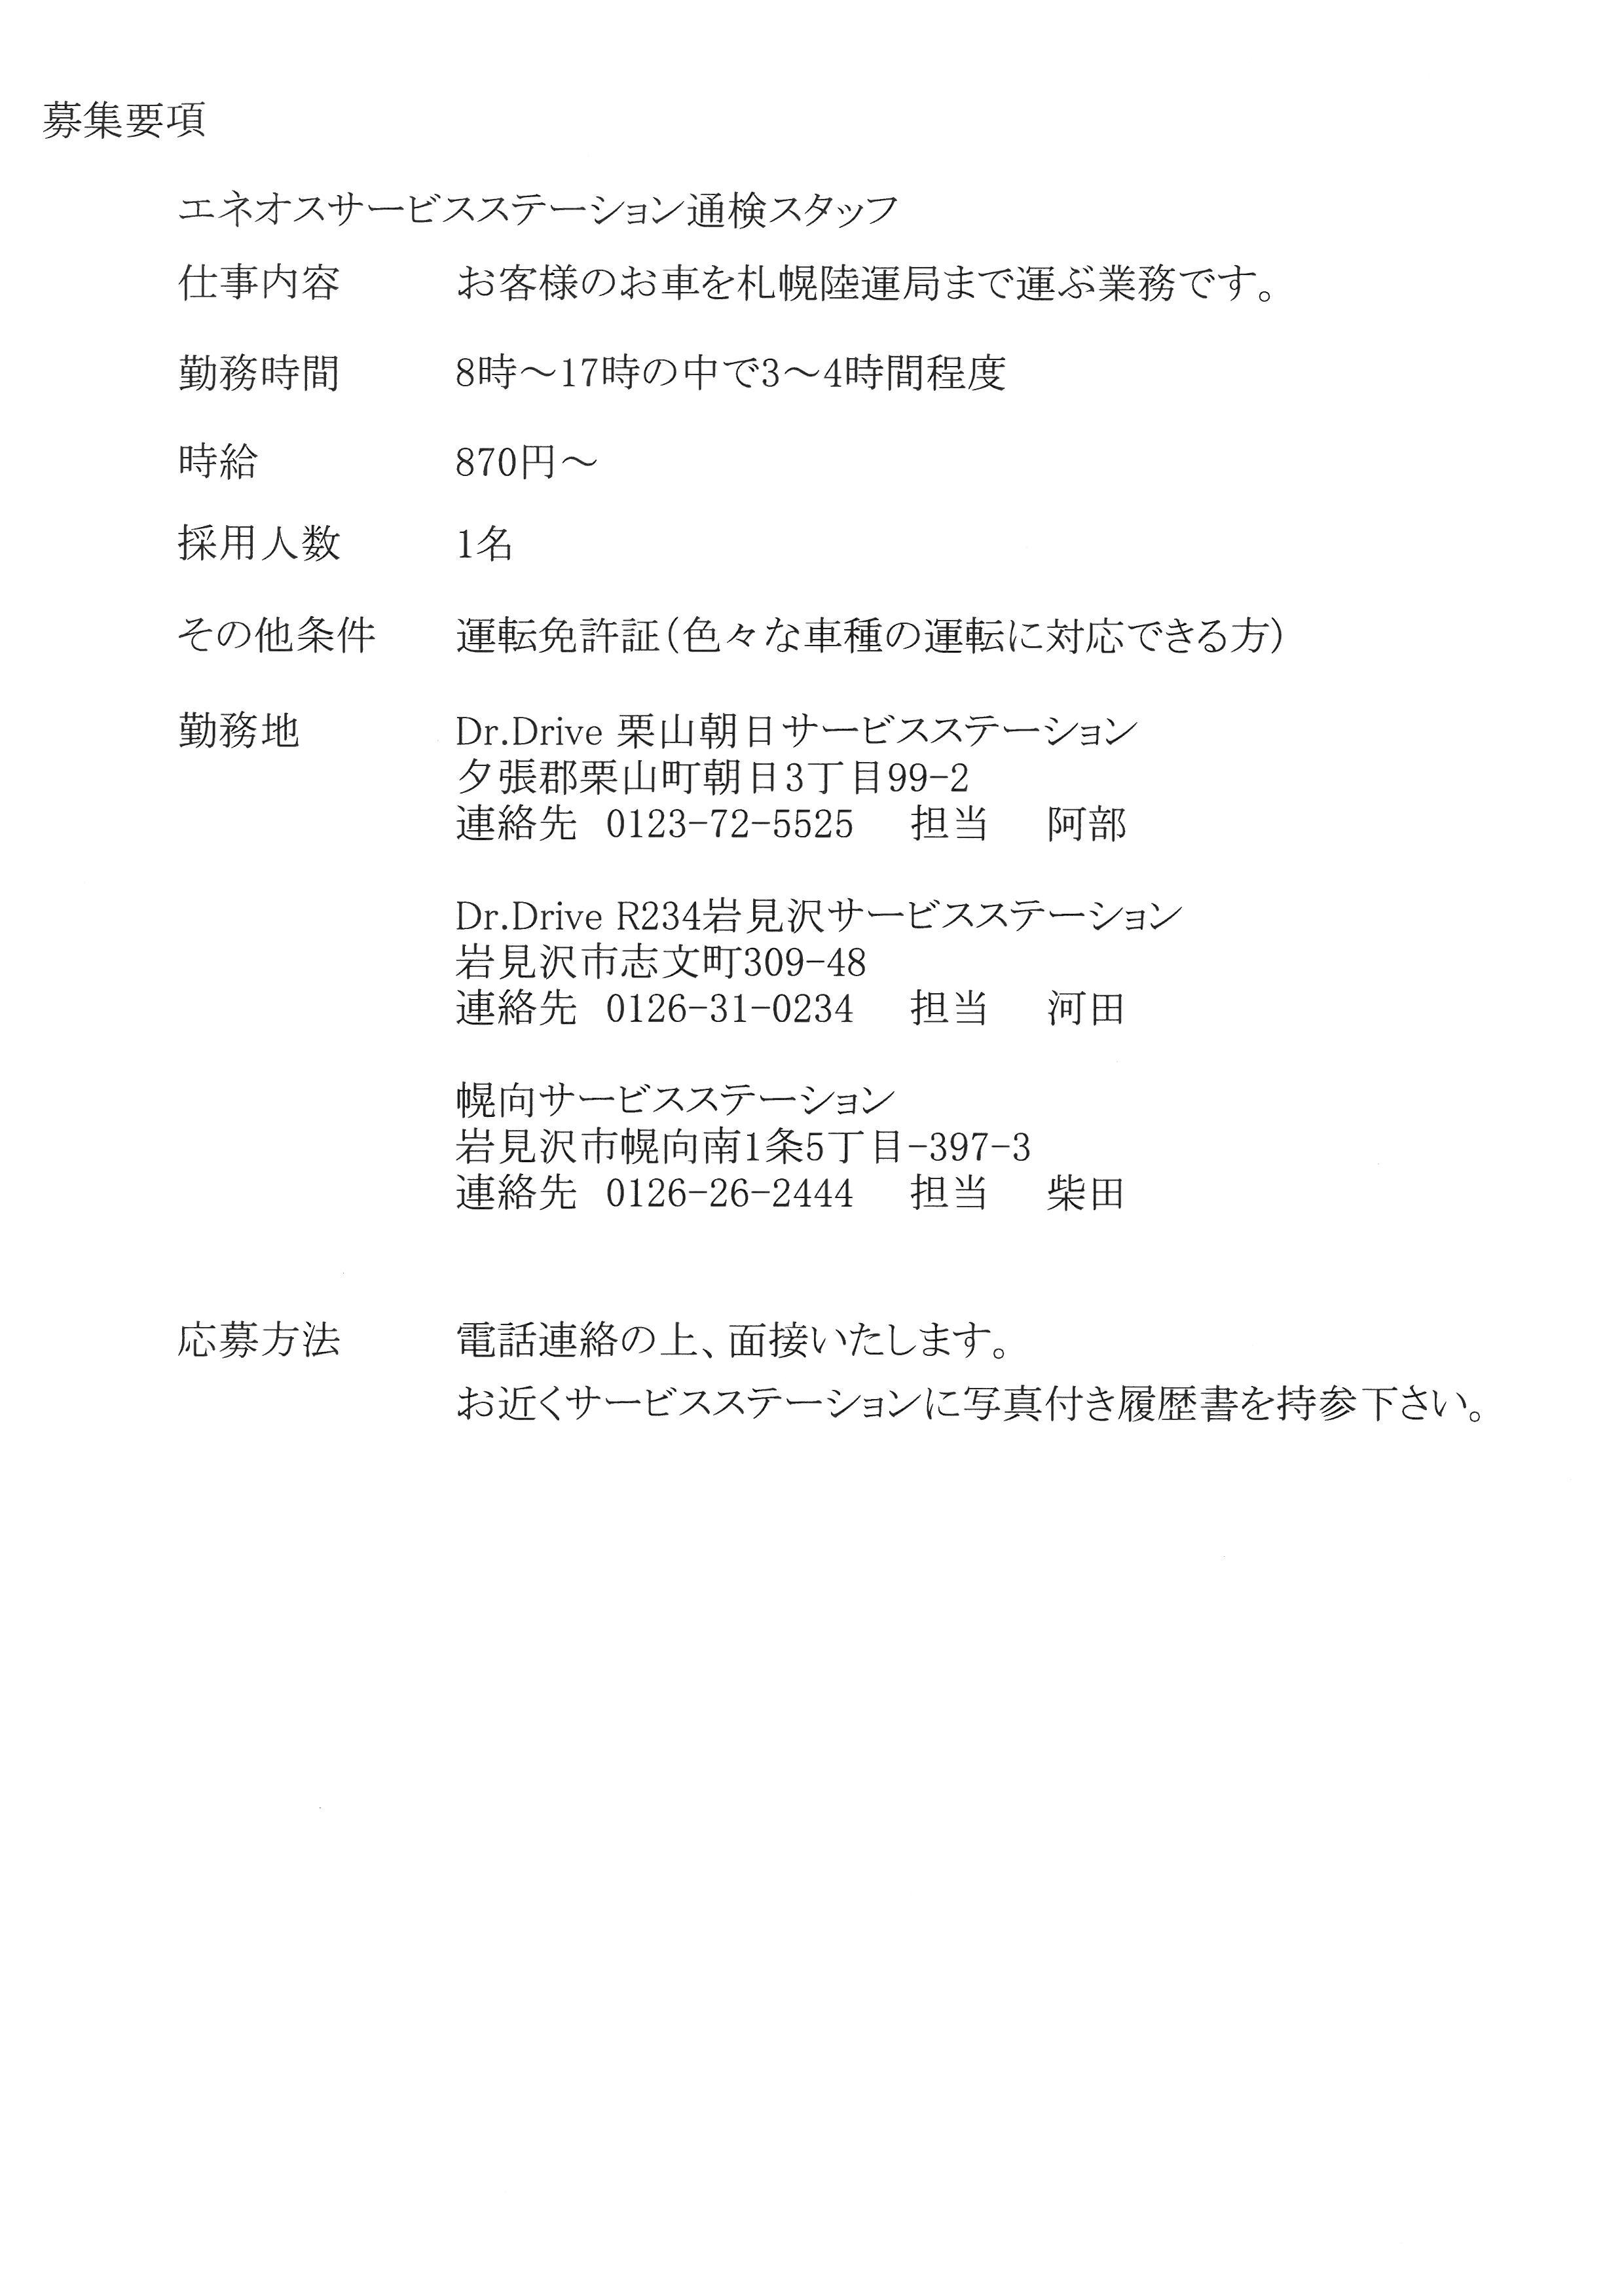 SKM_C250i20070714160